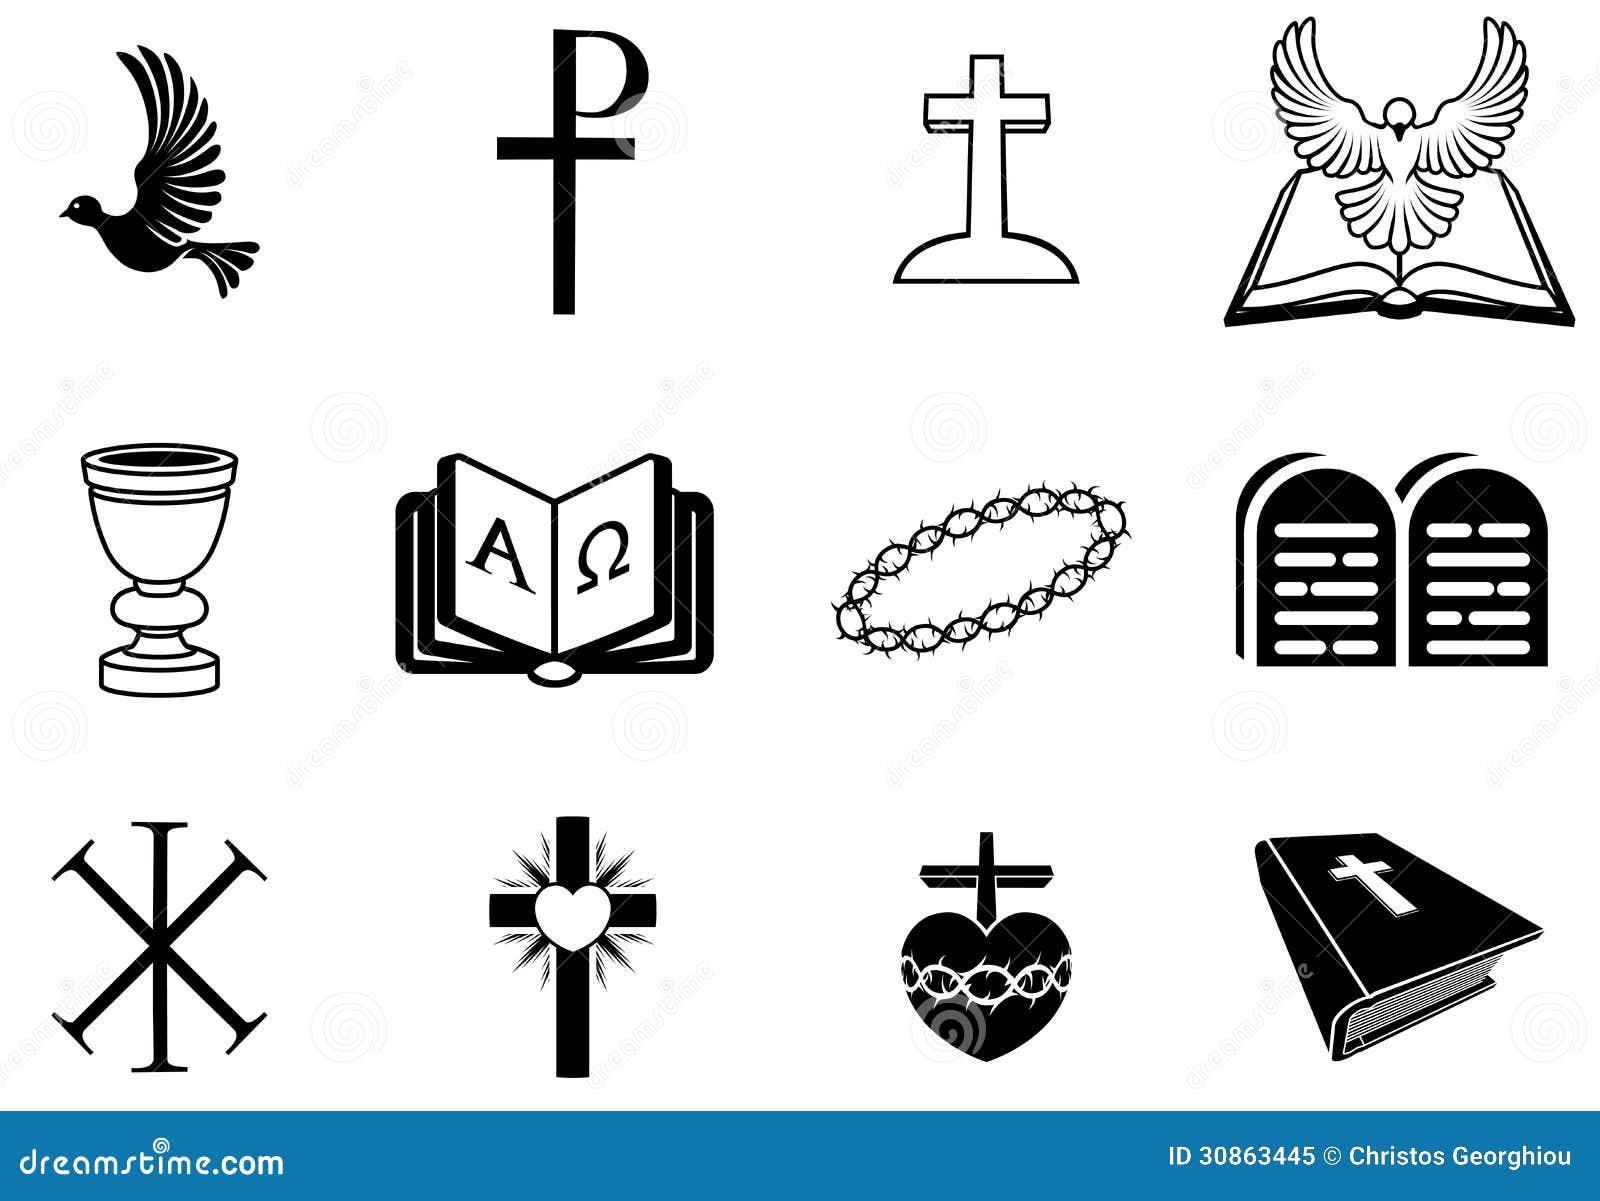 Image gallery simbolos cristianos - Simbolos y su significado ...